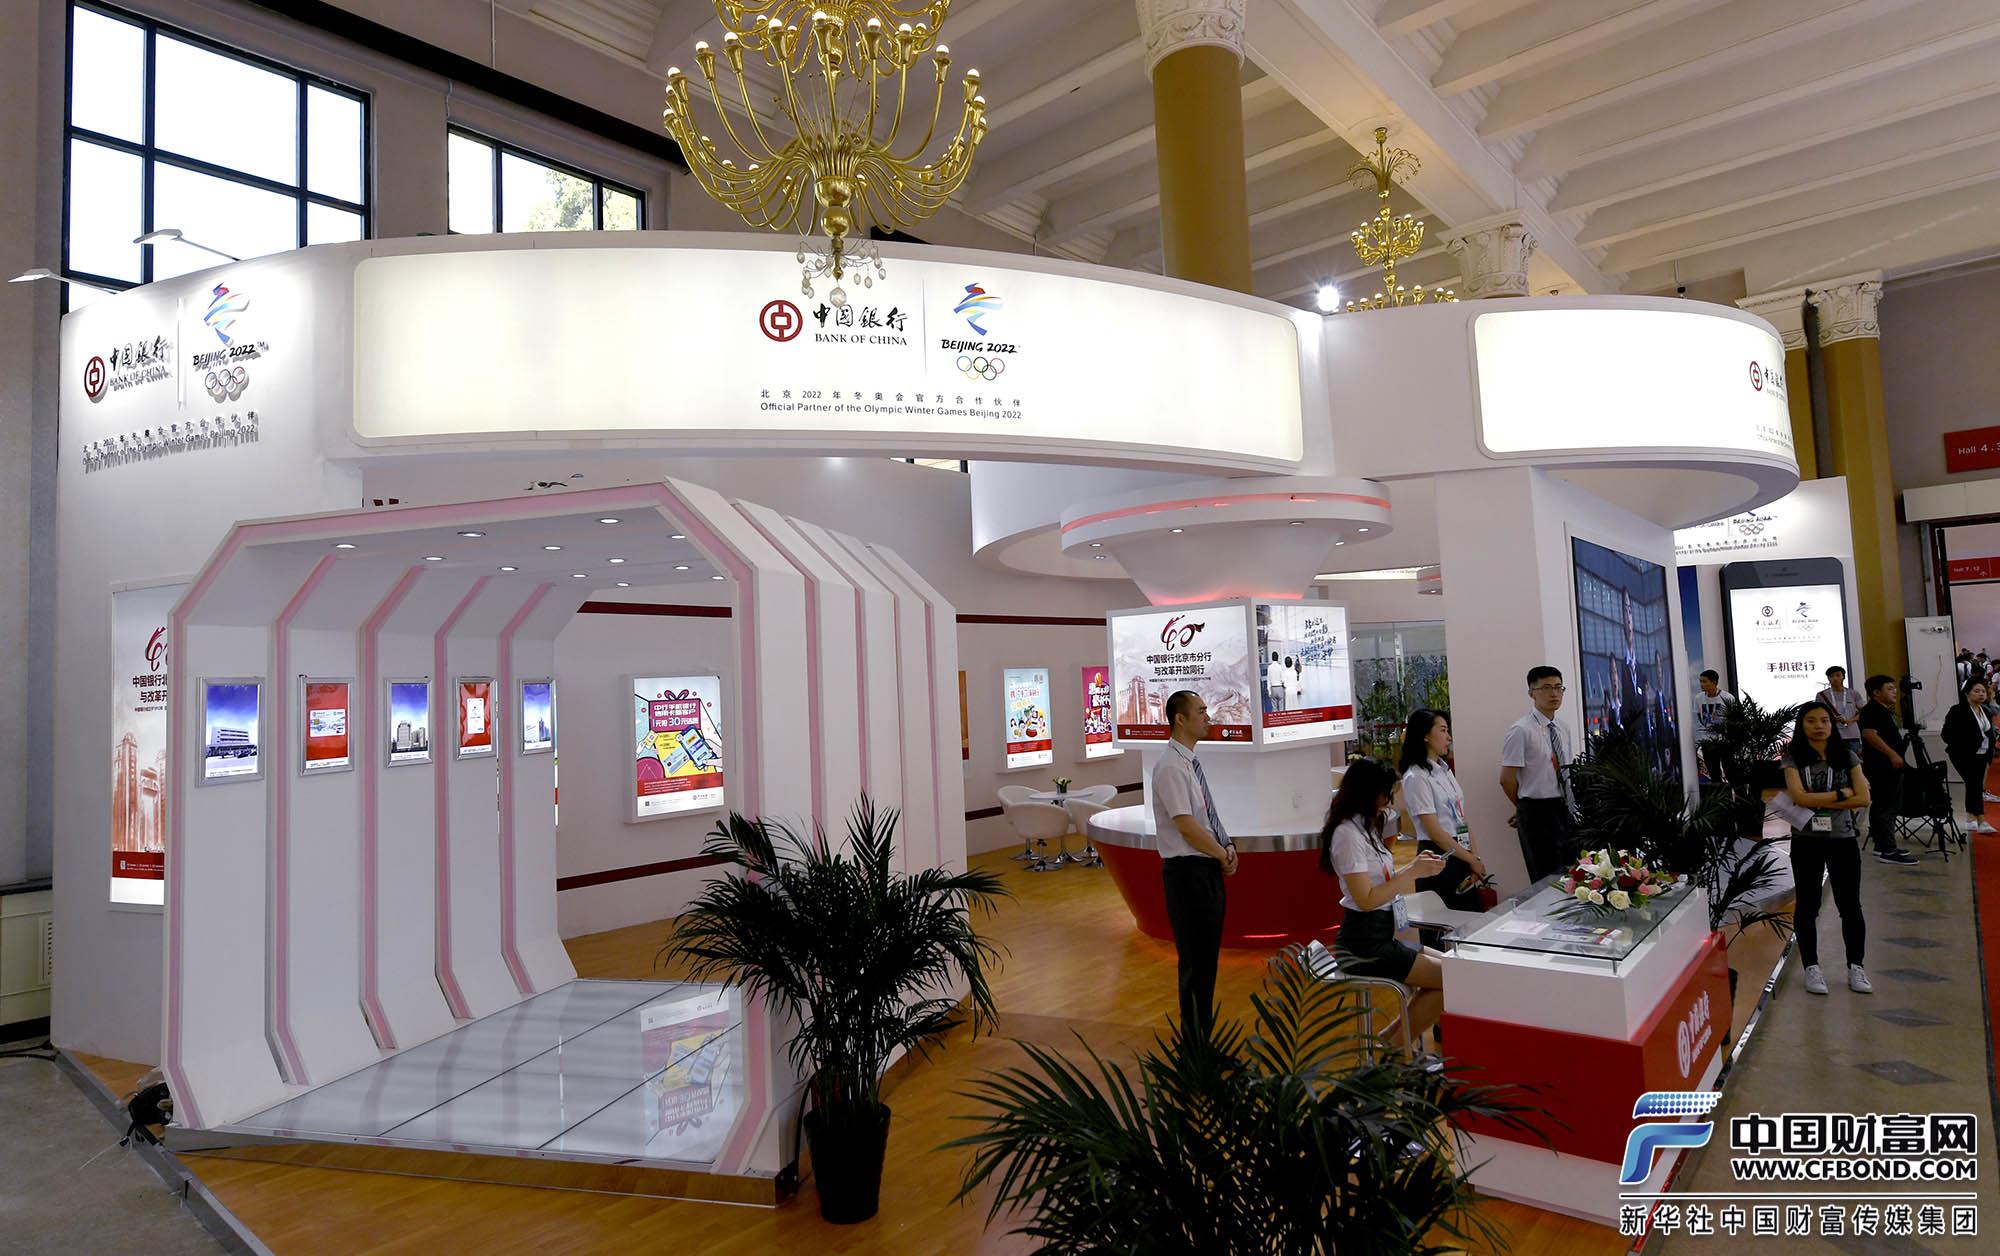 中国银行展台